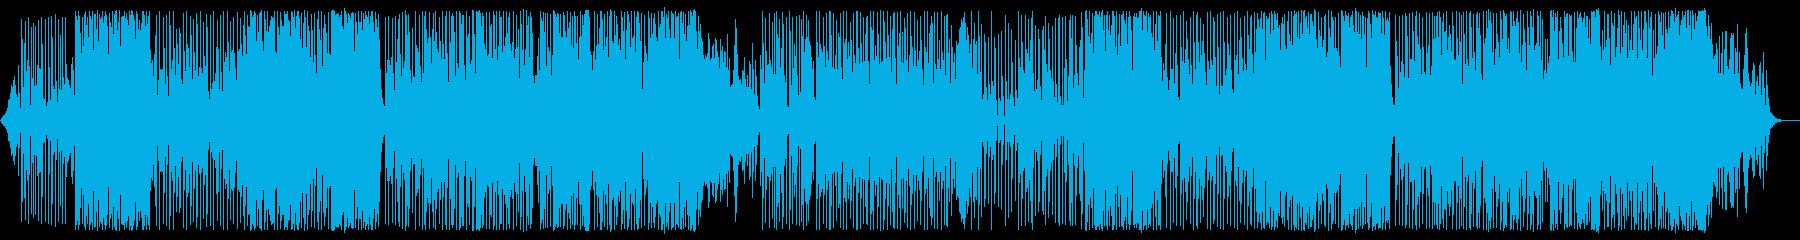 アイネクライネナハトムジーク remixの再生済みの波形